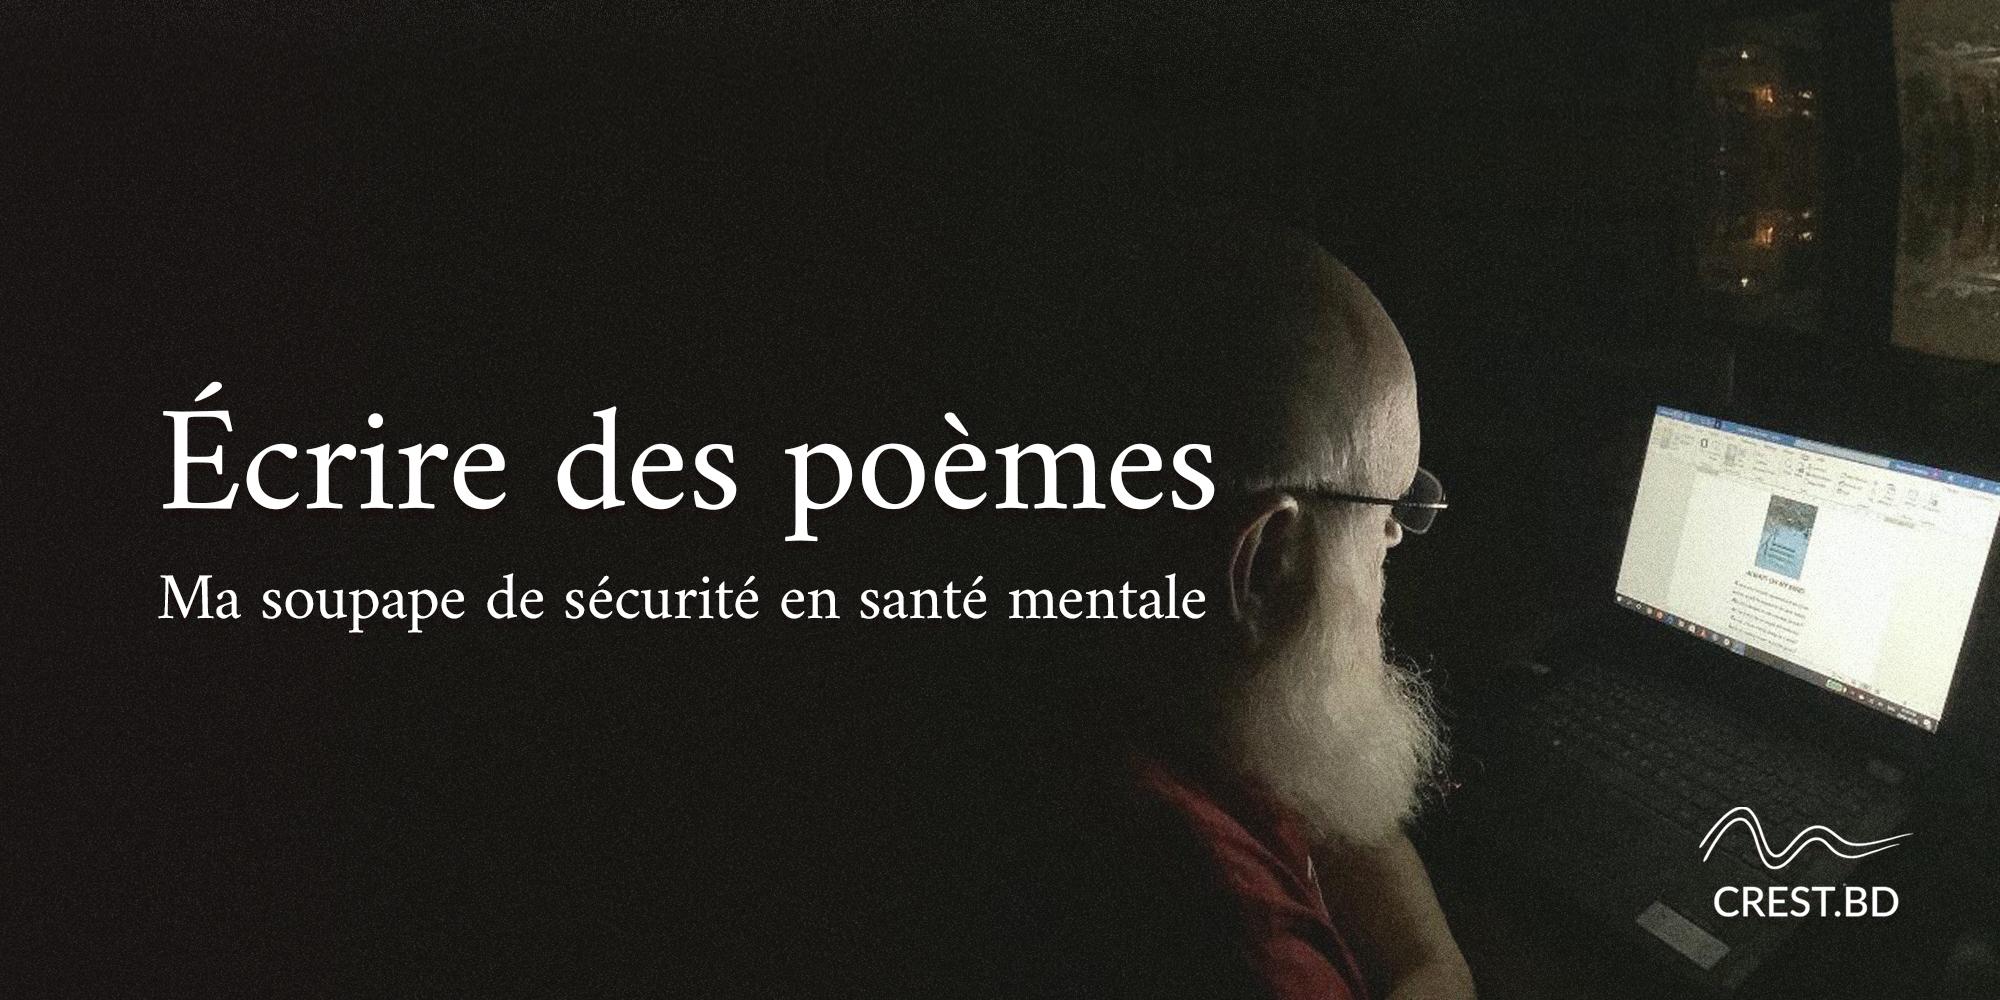 Écrire des poèmes – une de mes soupapes de sécurité en santé mentale